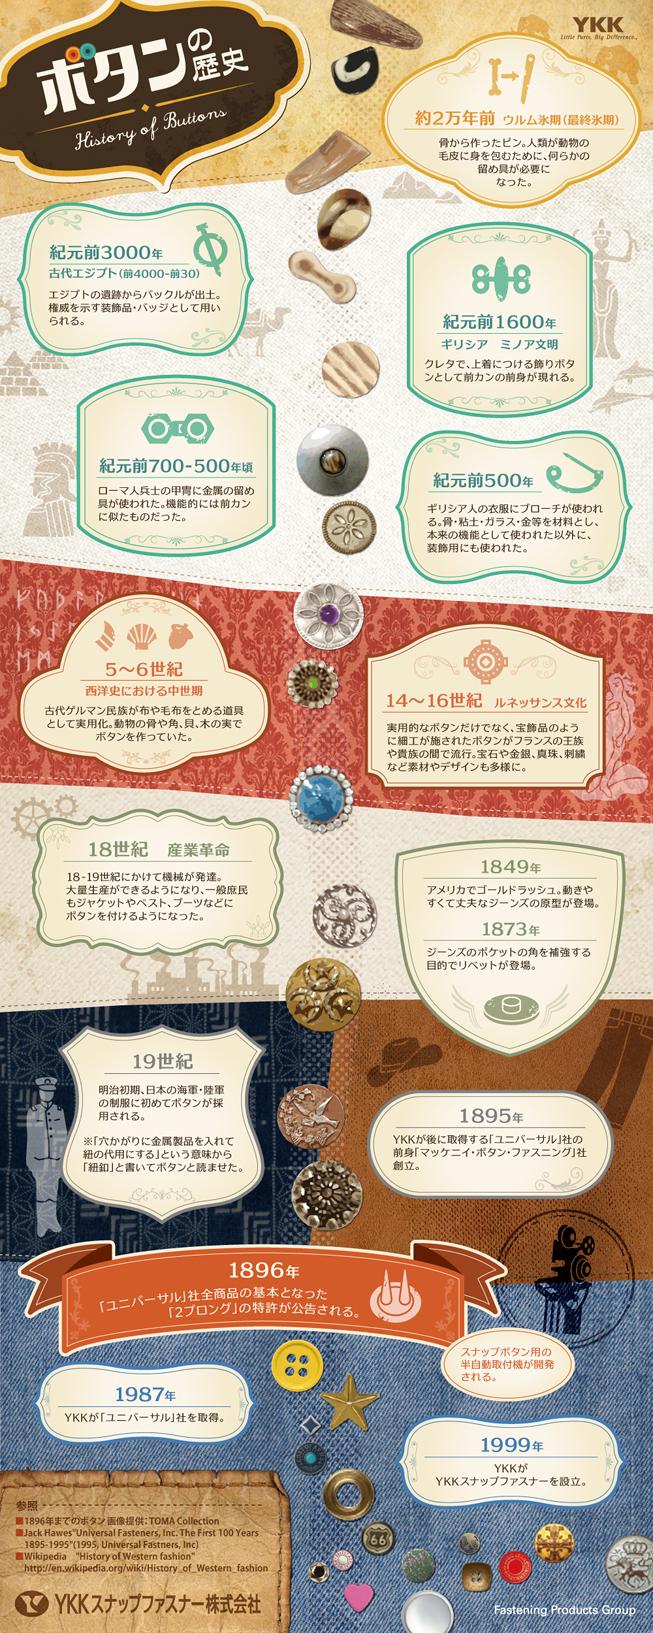 インフォグラフィック:ボタンの始まりはエジプトのバッジ!日本では江戸時代より普及